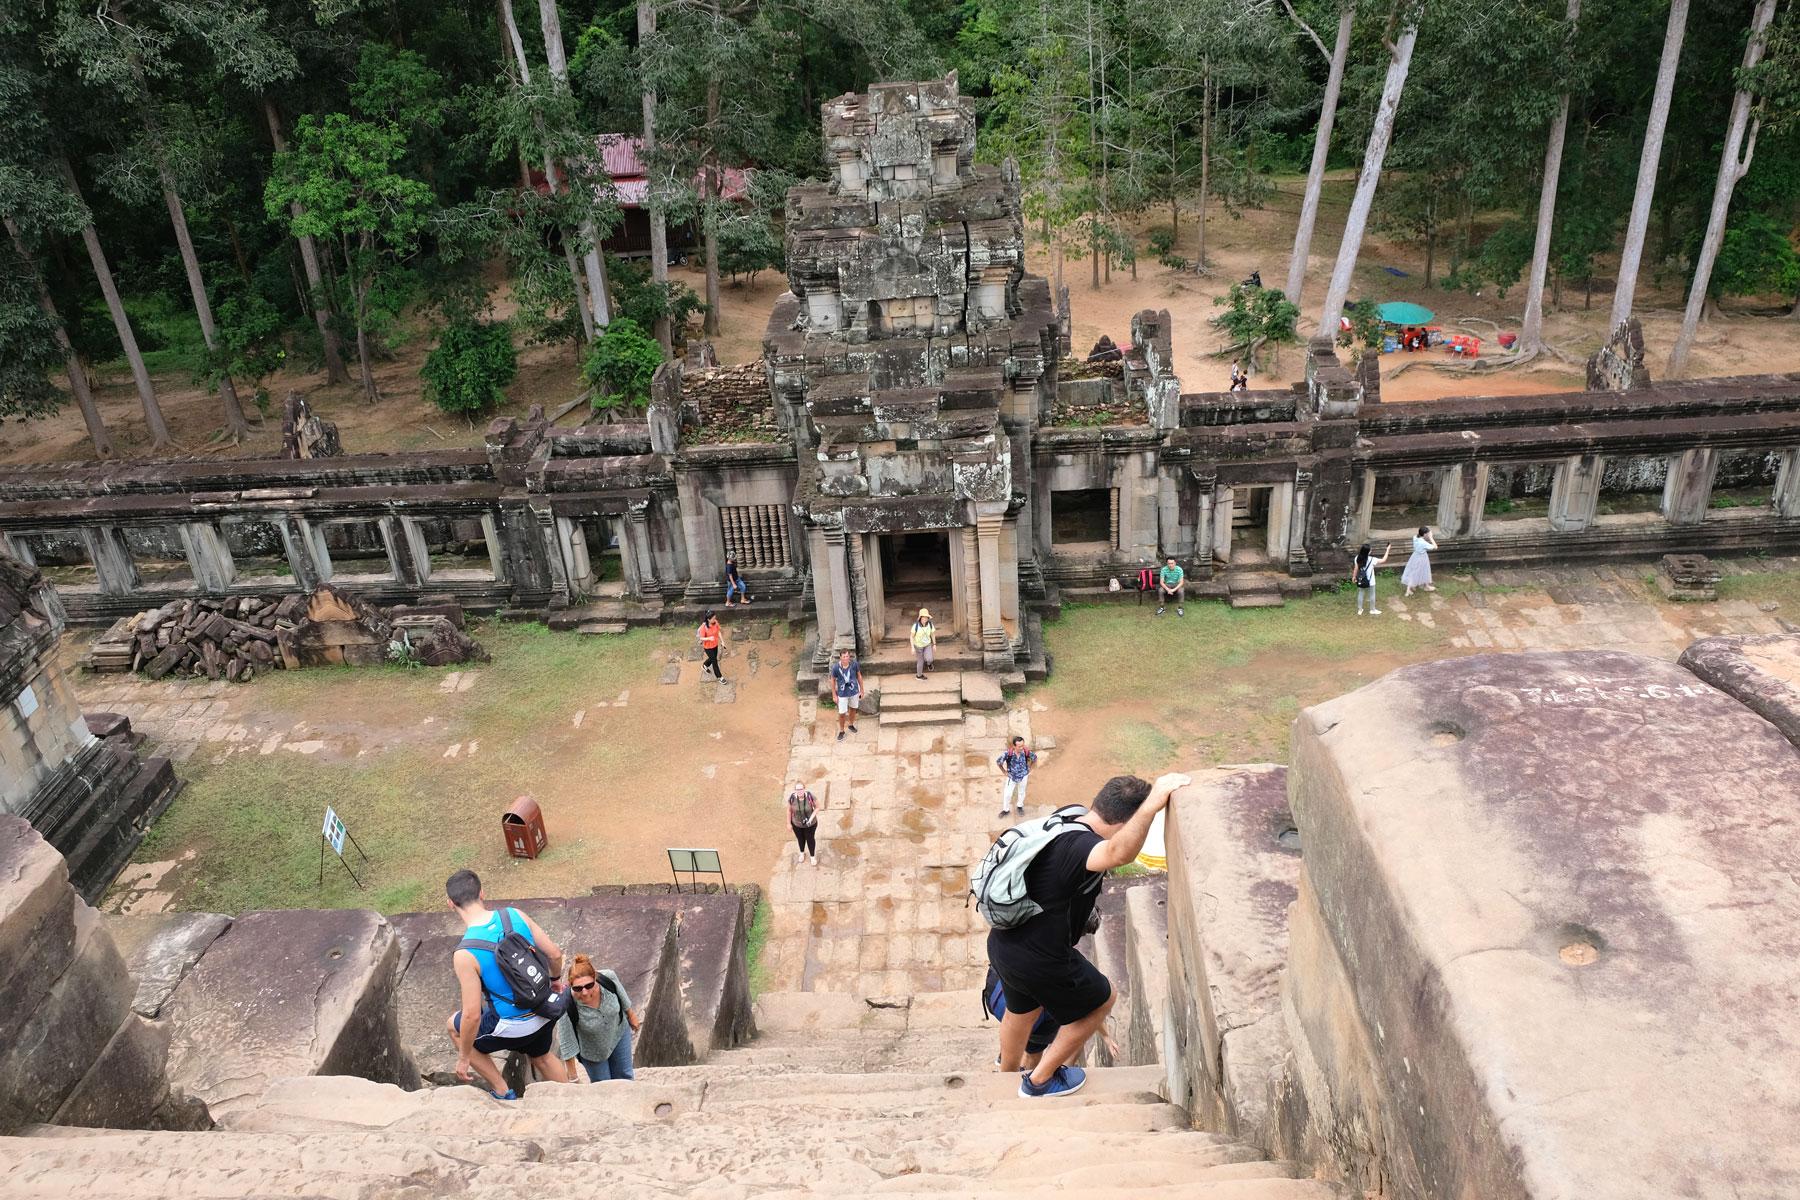 Menschen laufen vorsichtig die extrem steilen und schmalen Stufen des Tempels Ta Keo in Angkor Wat hinunter